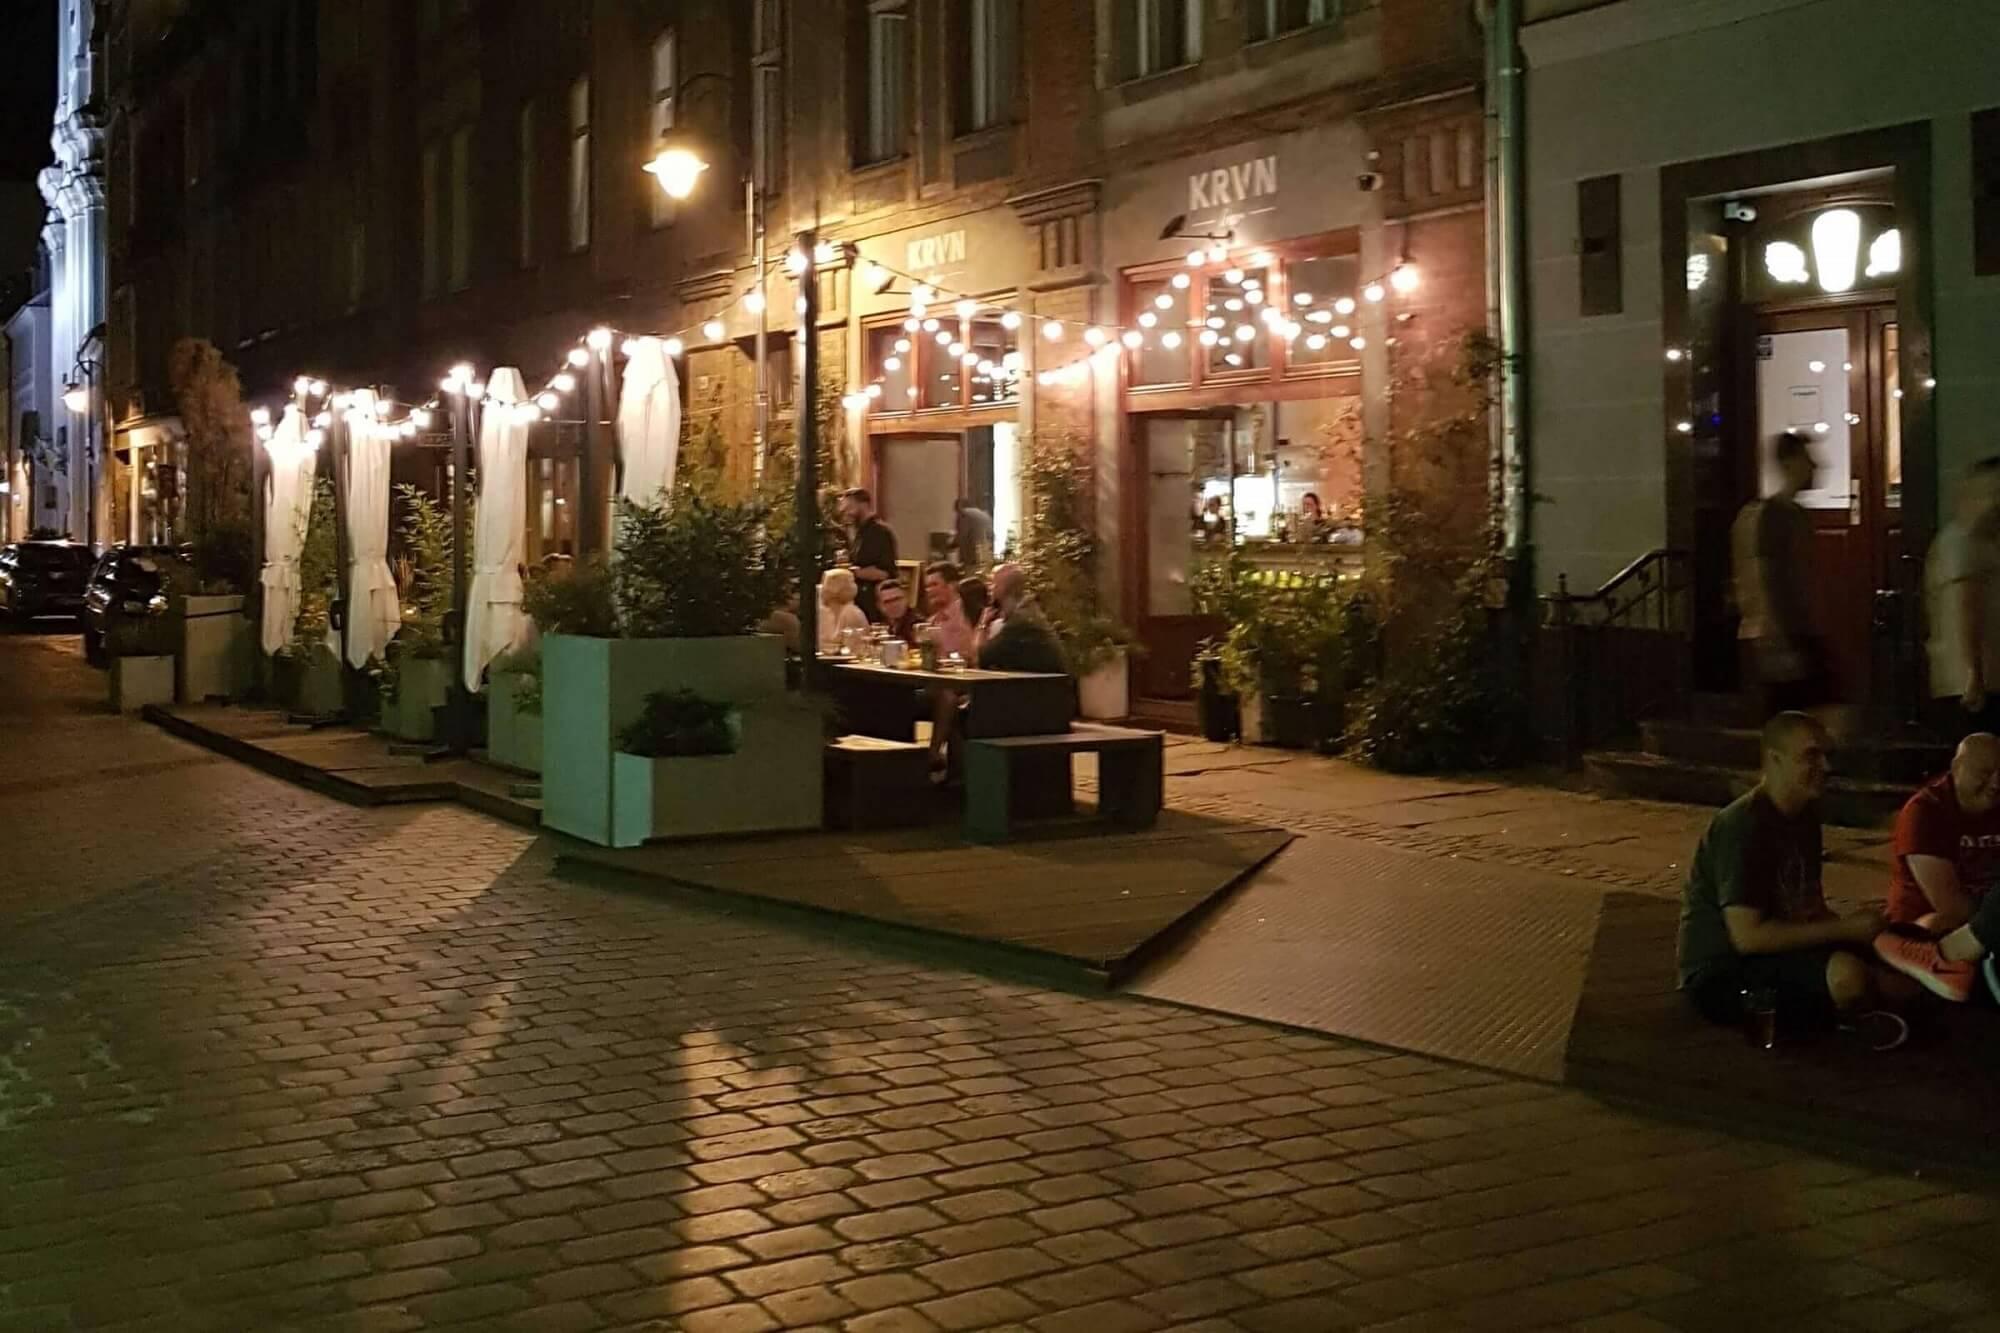 najfajniejsze miejsca we wrocławiu: ulica